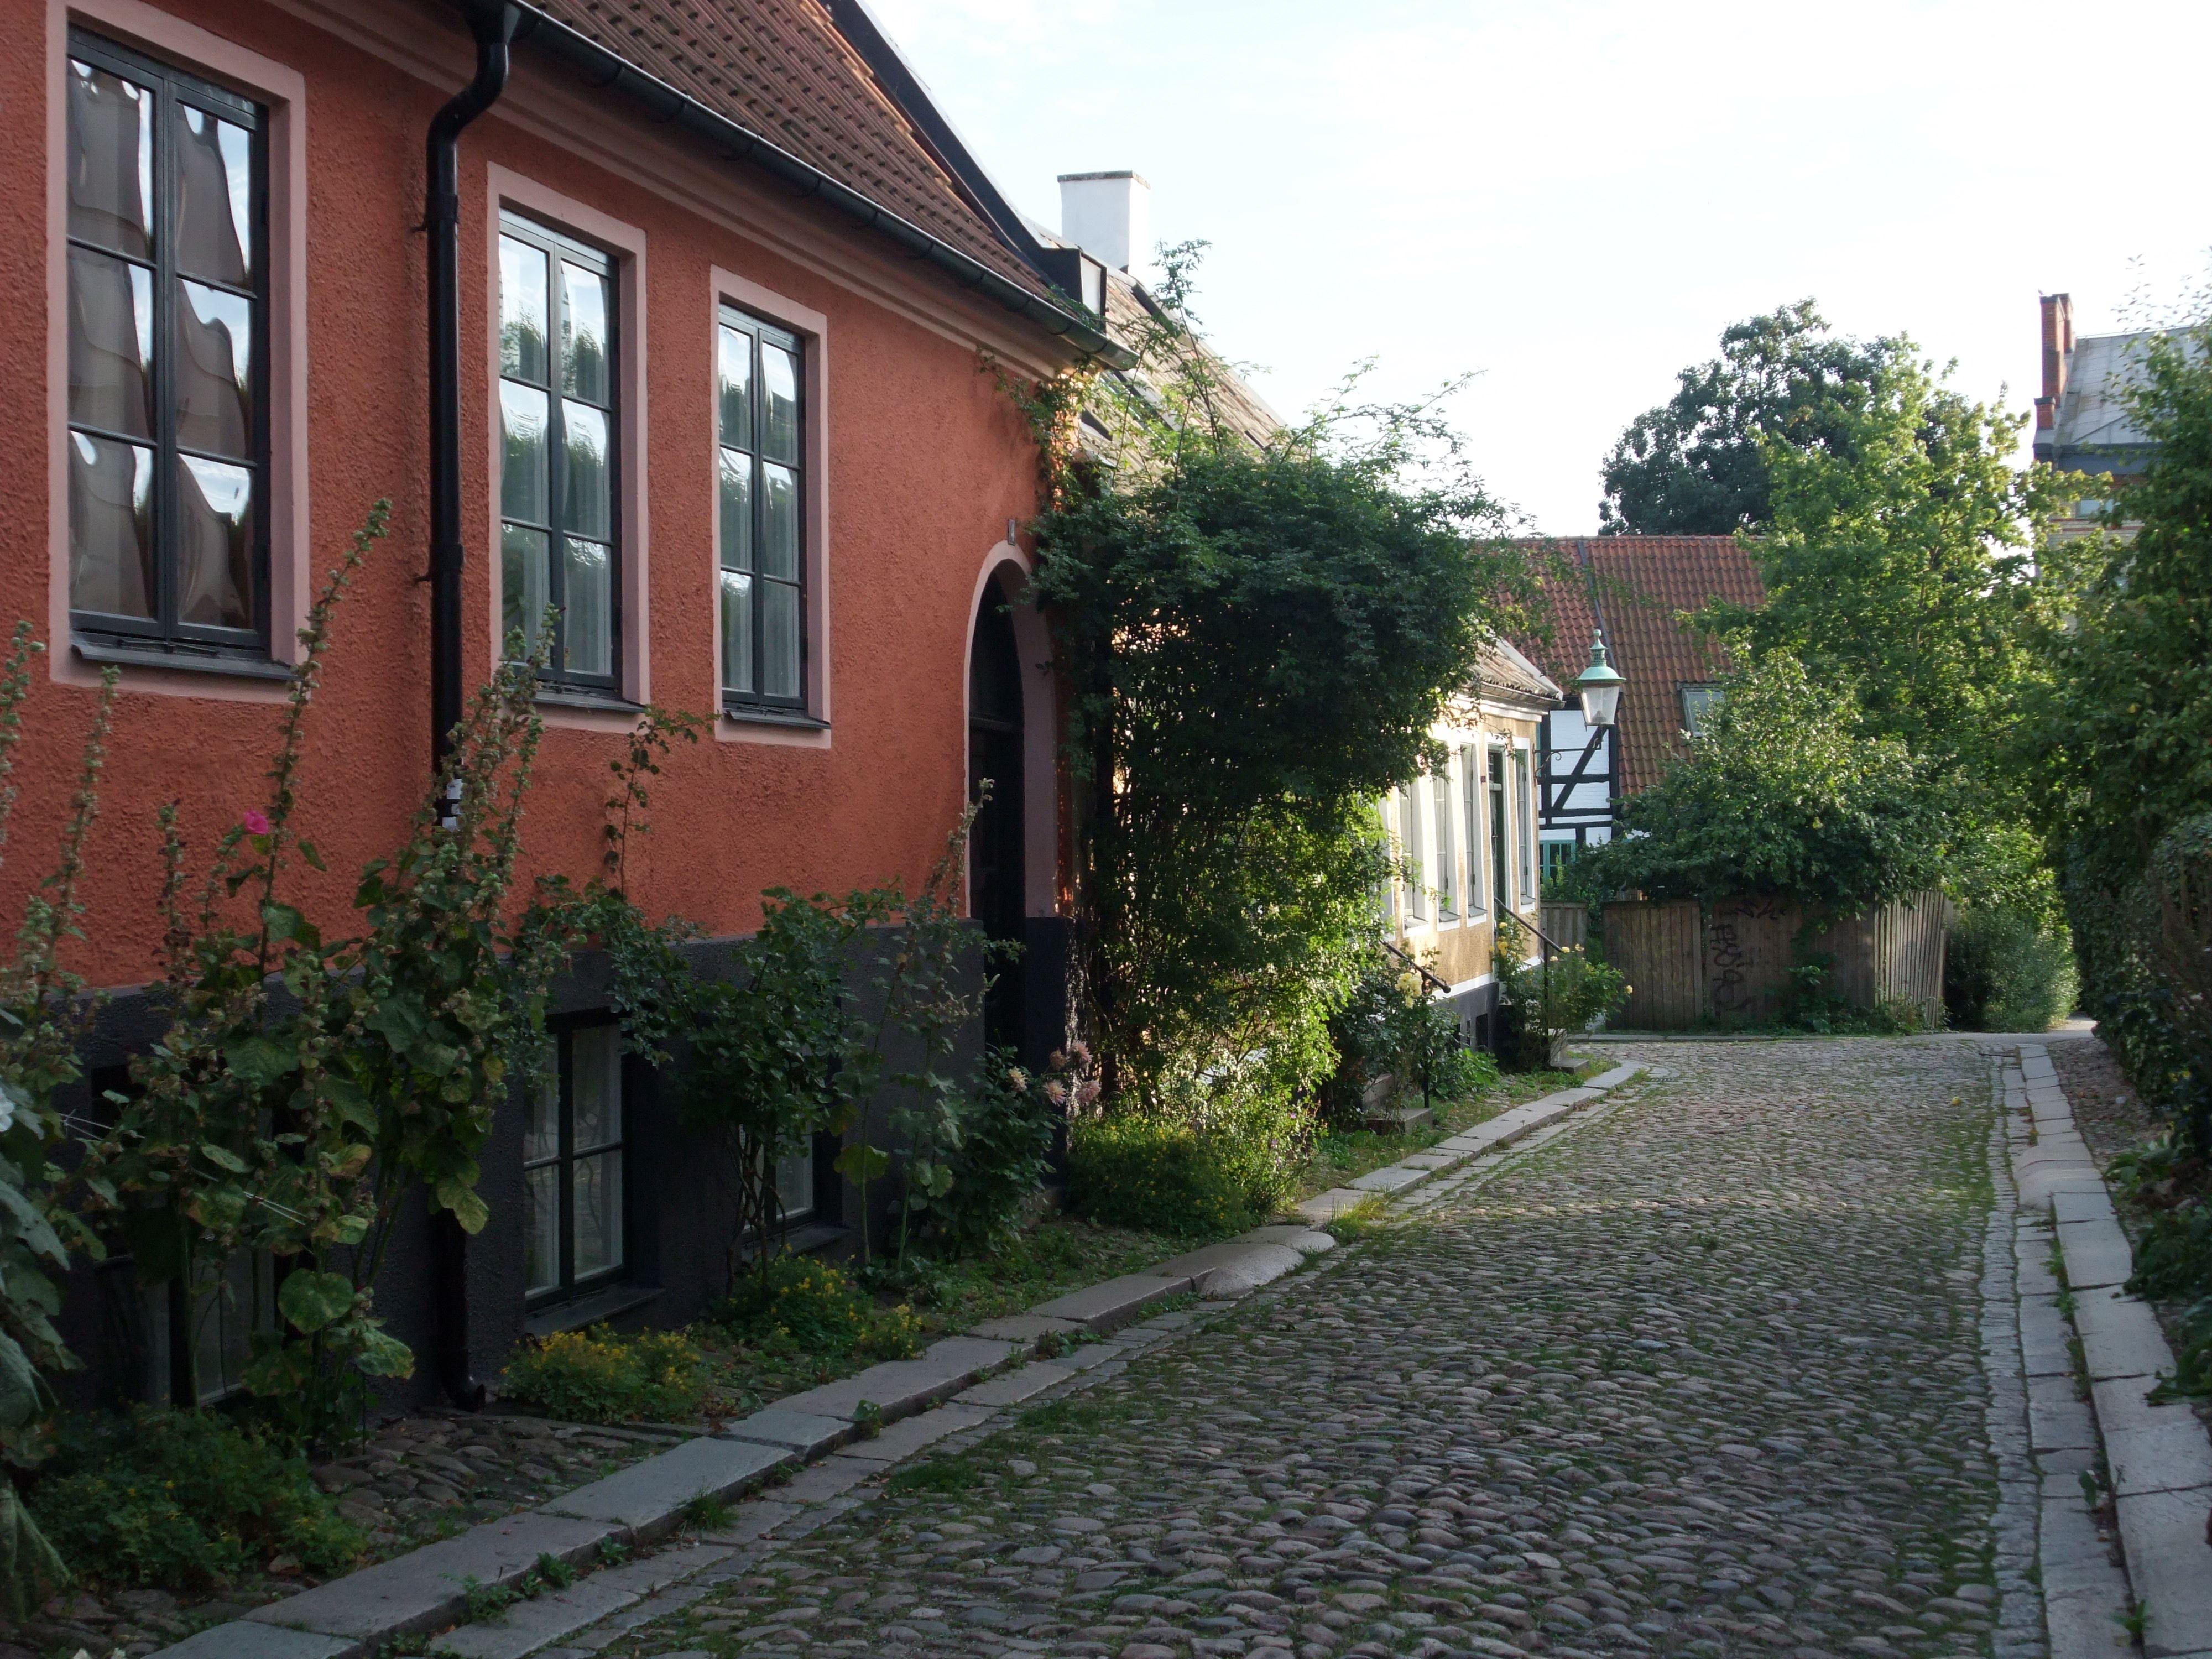 Lunds Turistbyrå